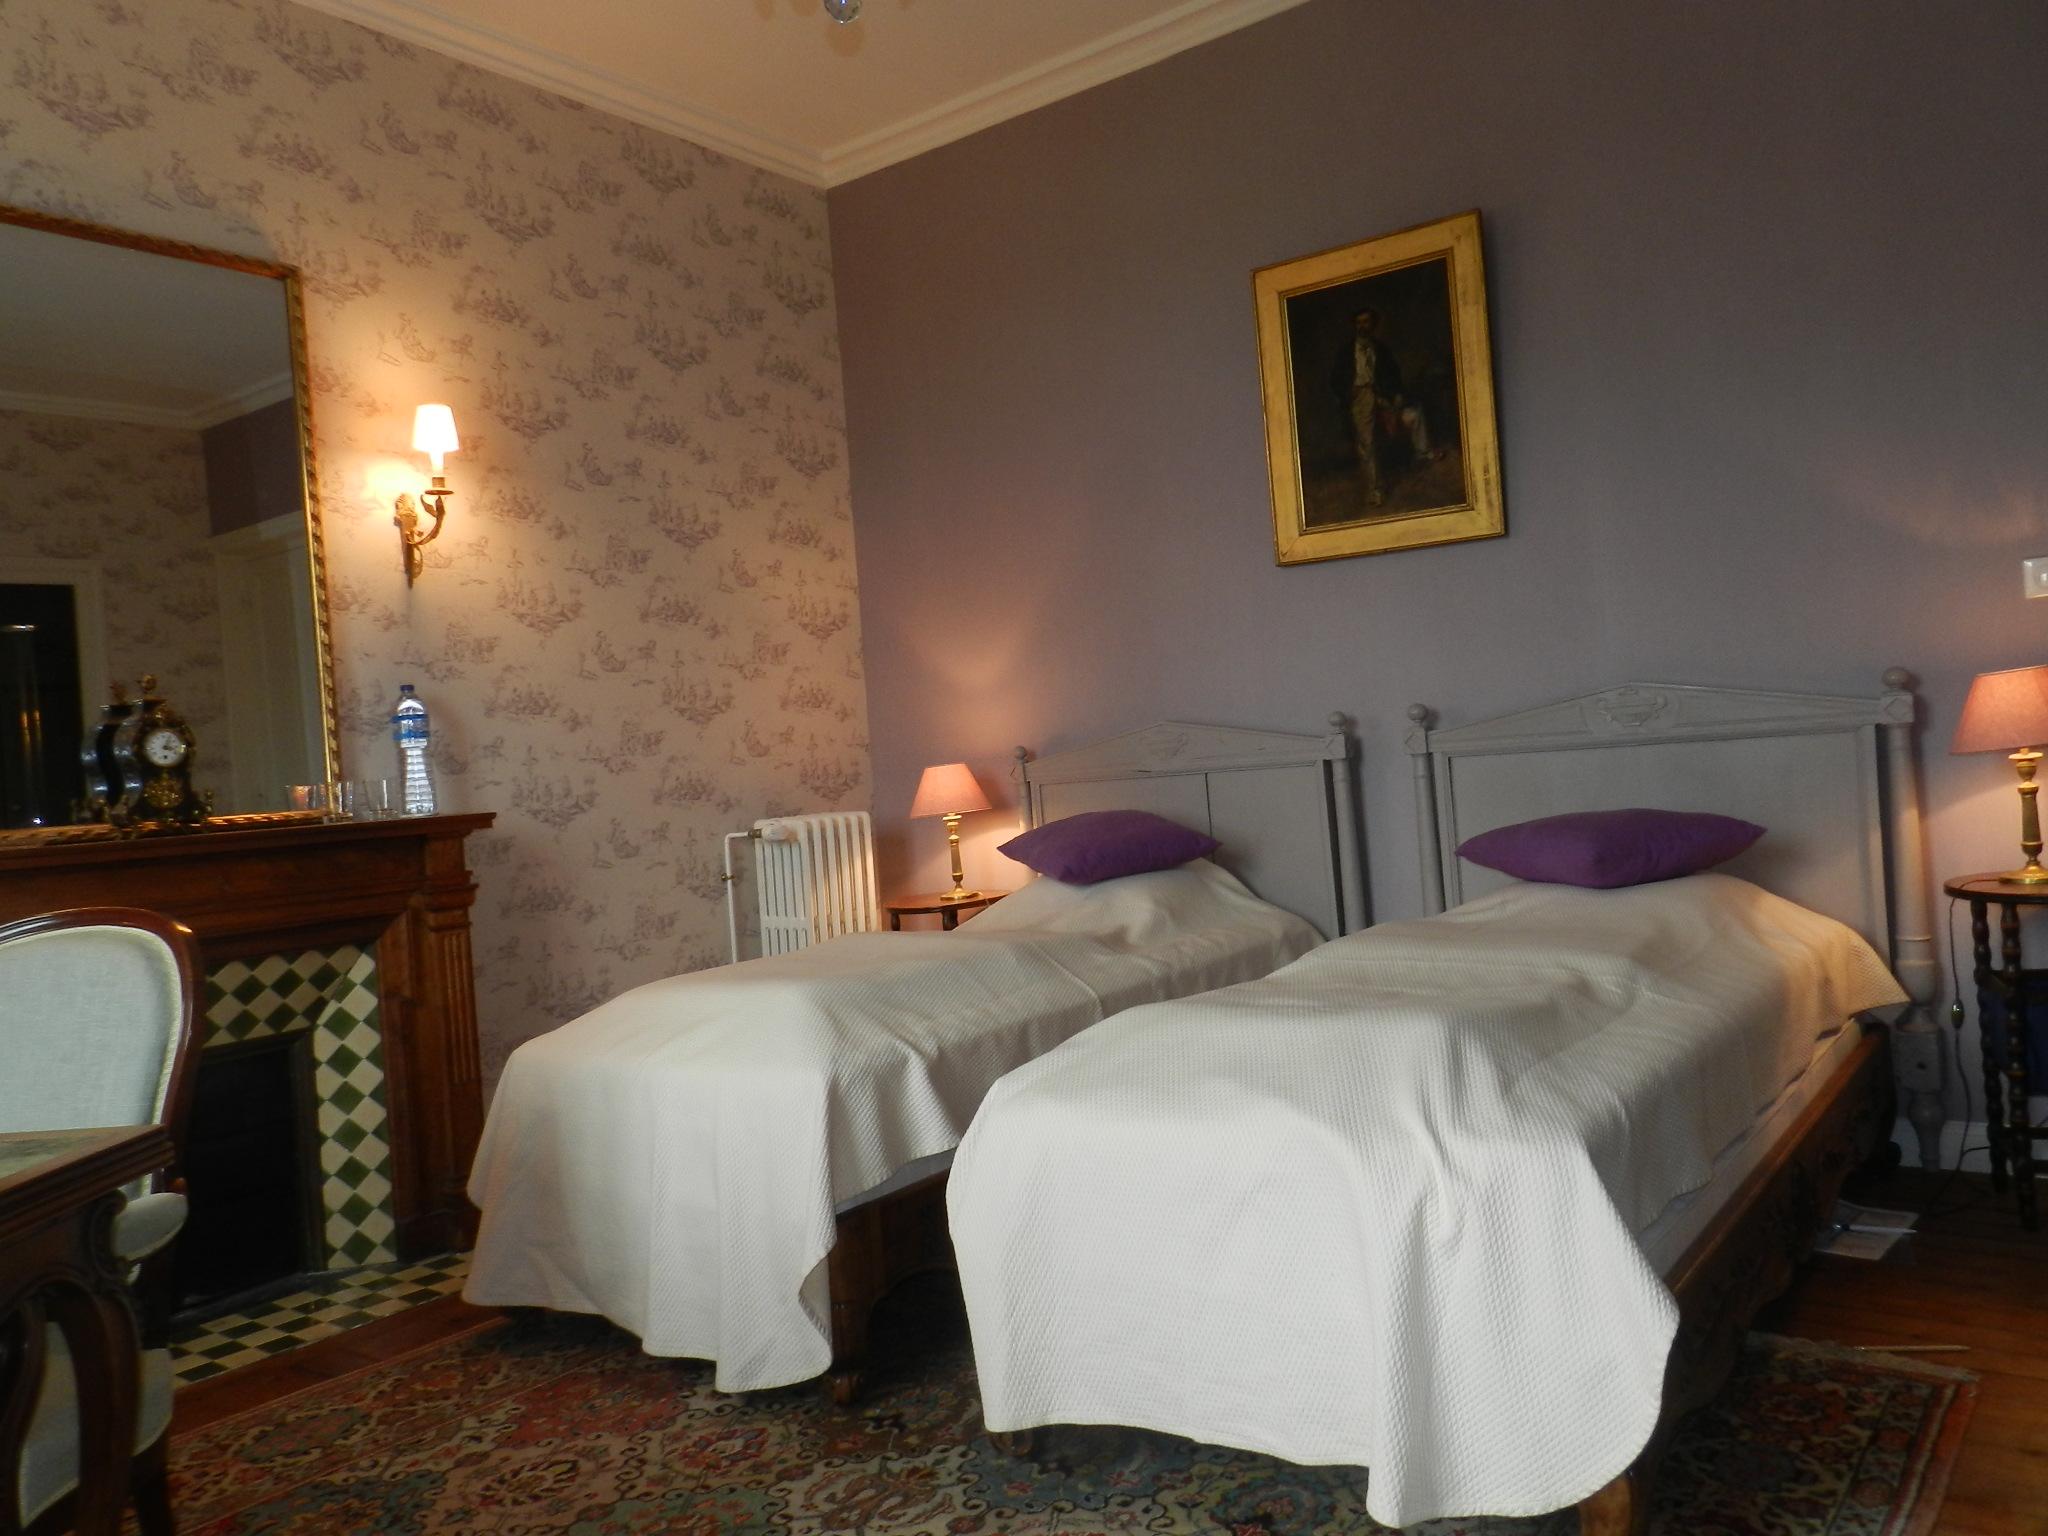 Best chambre mauve et beige images for Chambre mauve et beige